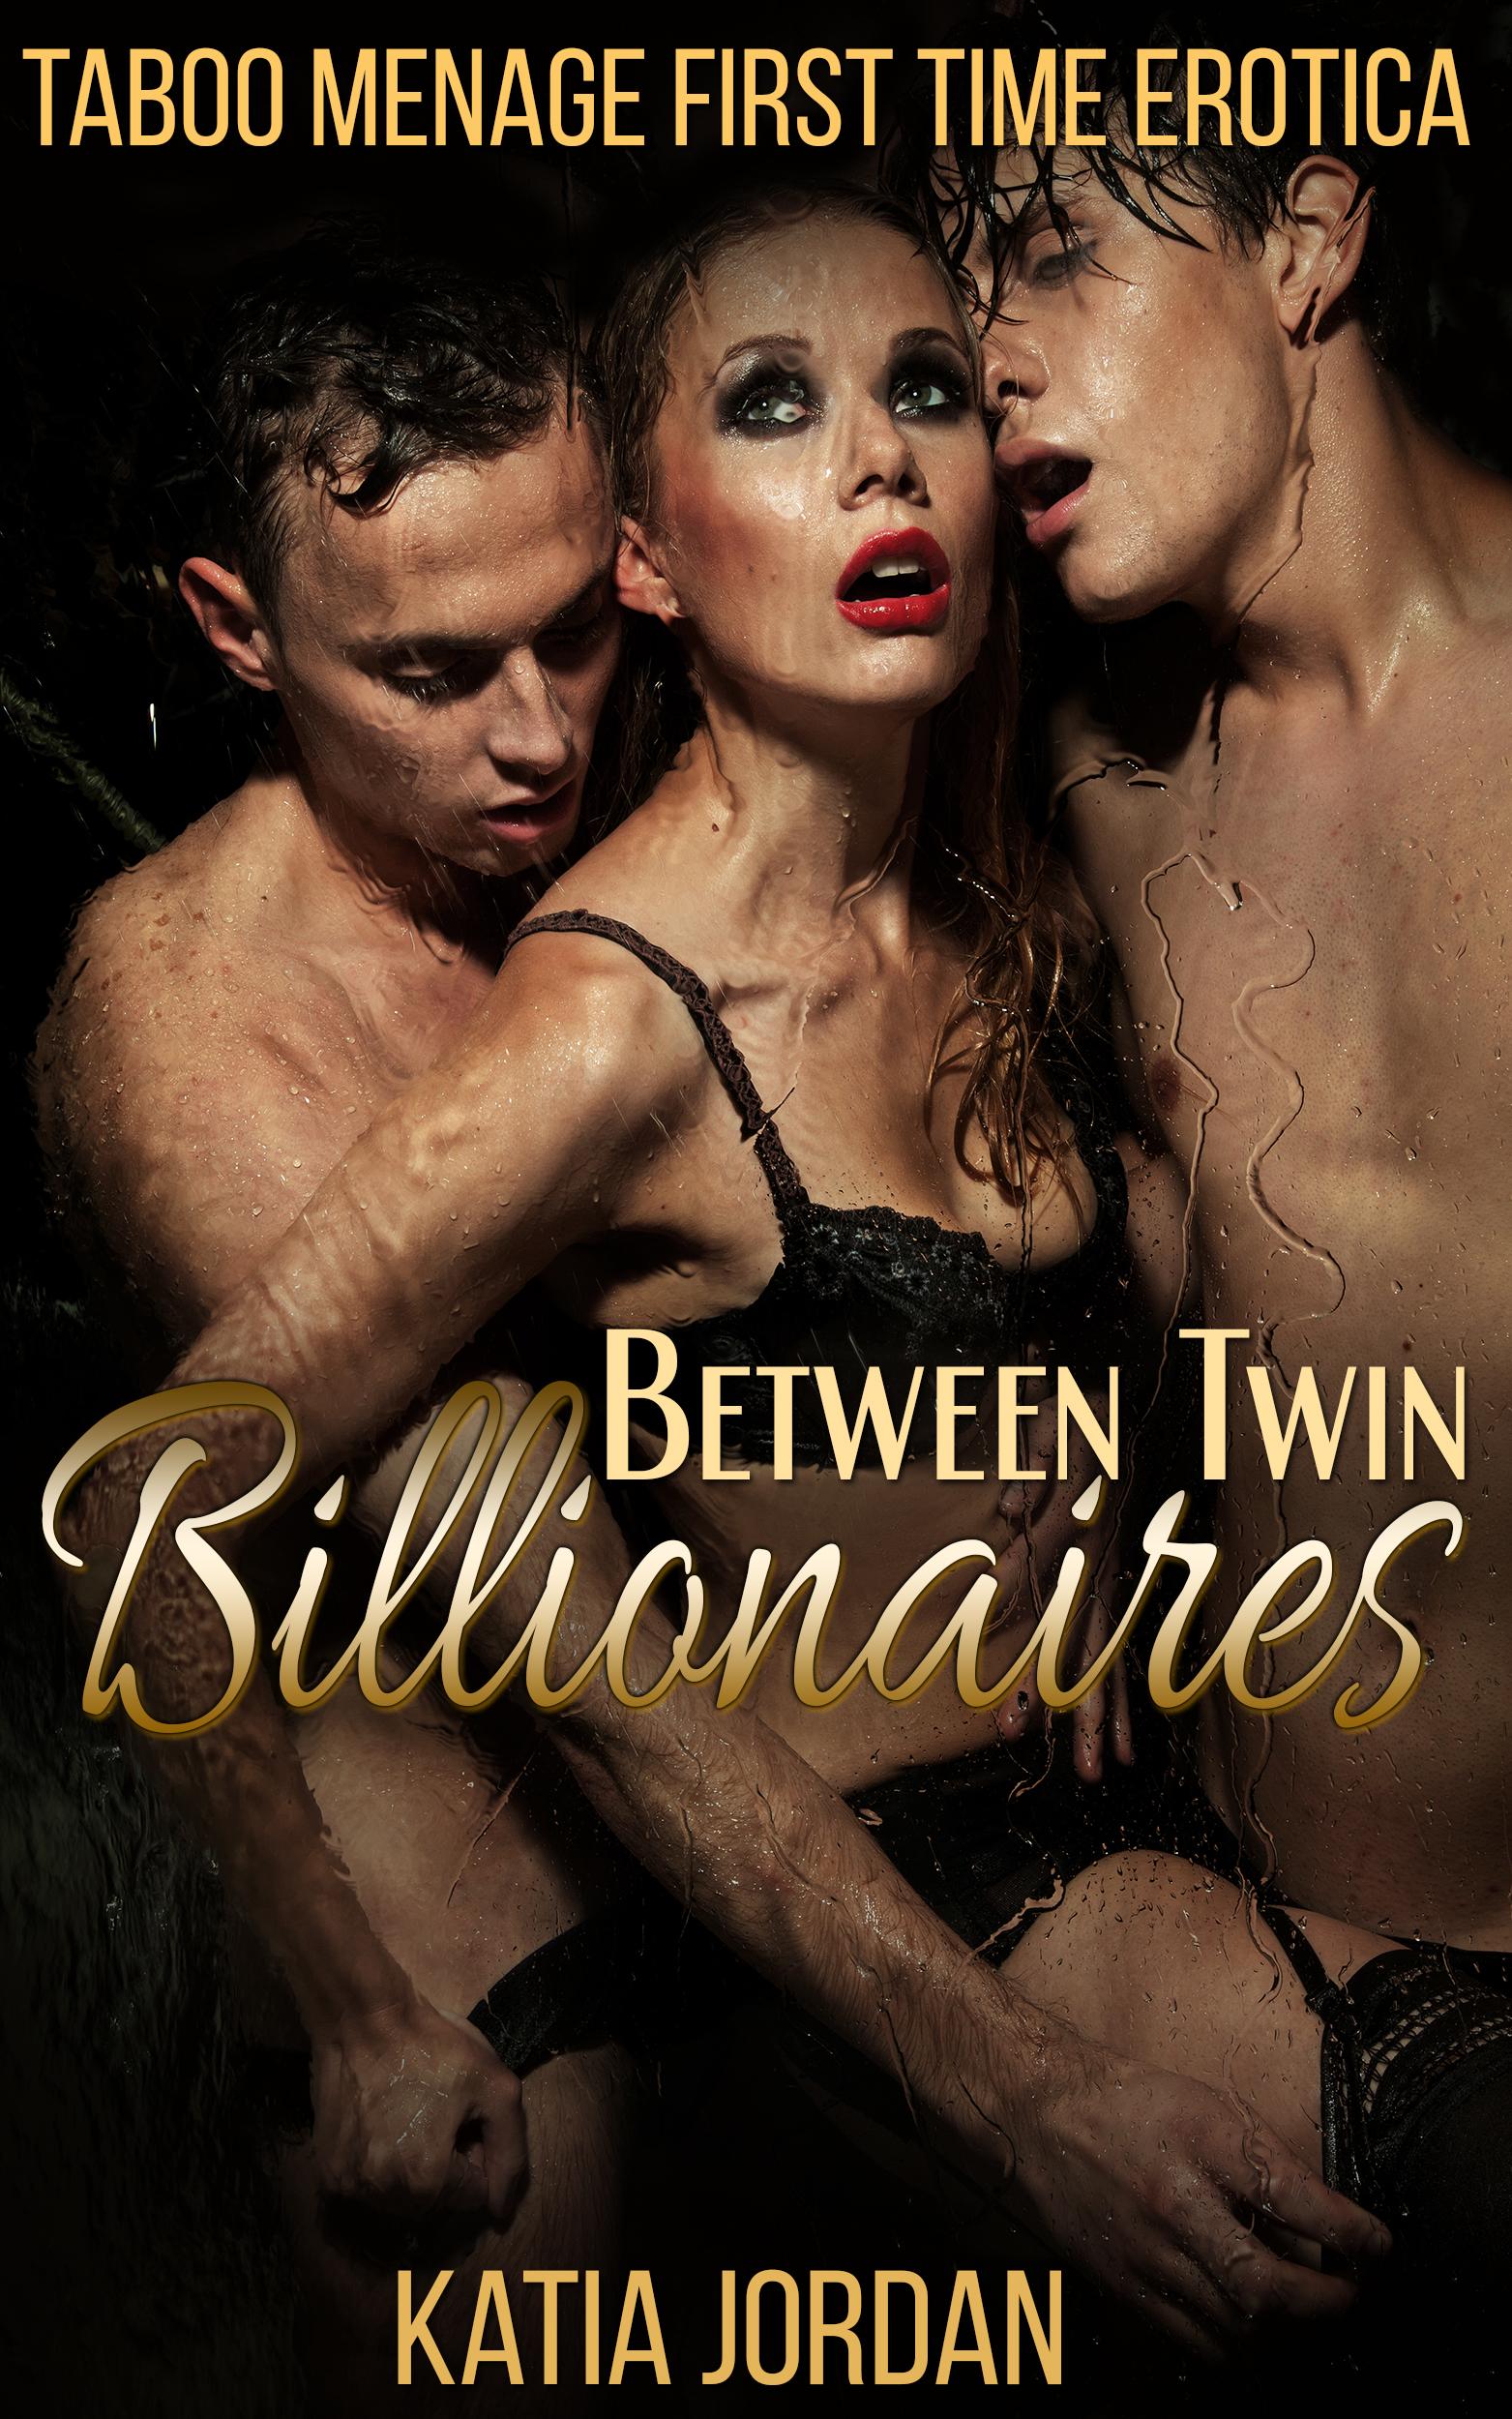 Between twin billionaires